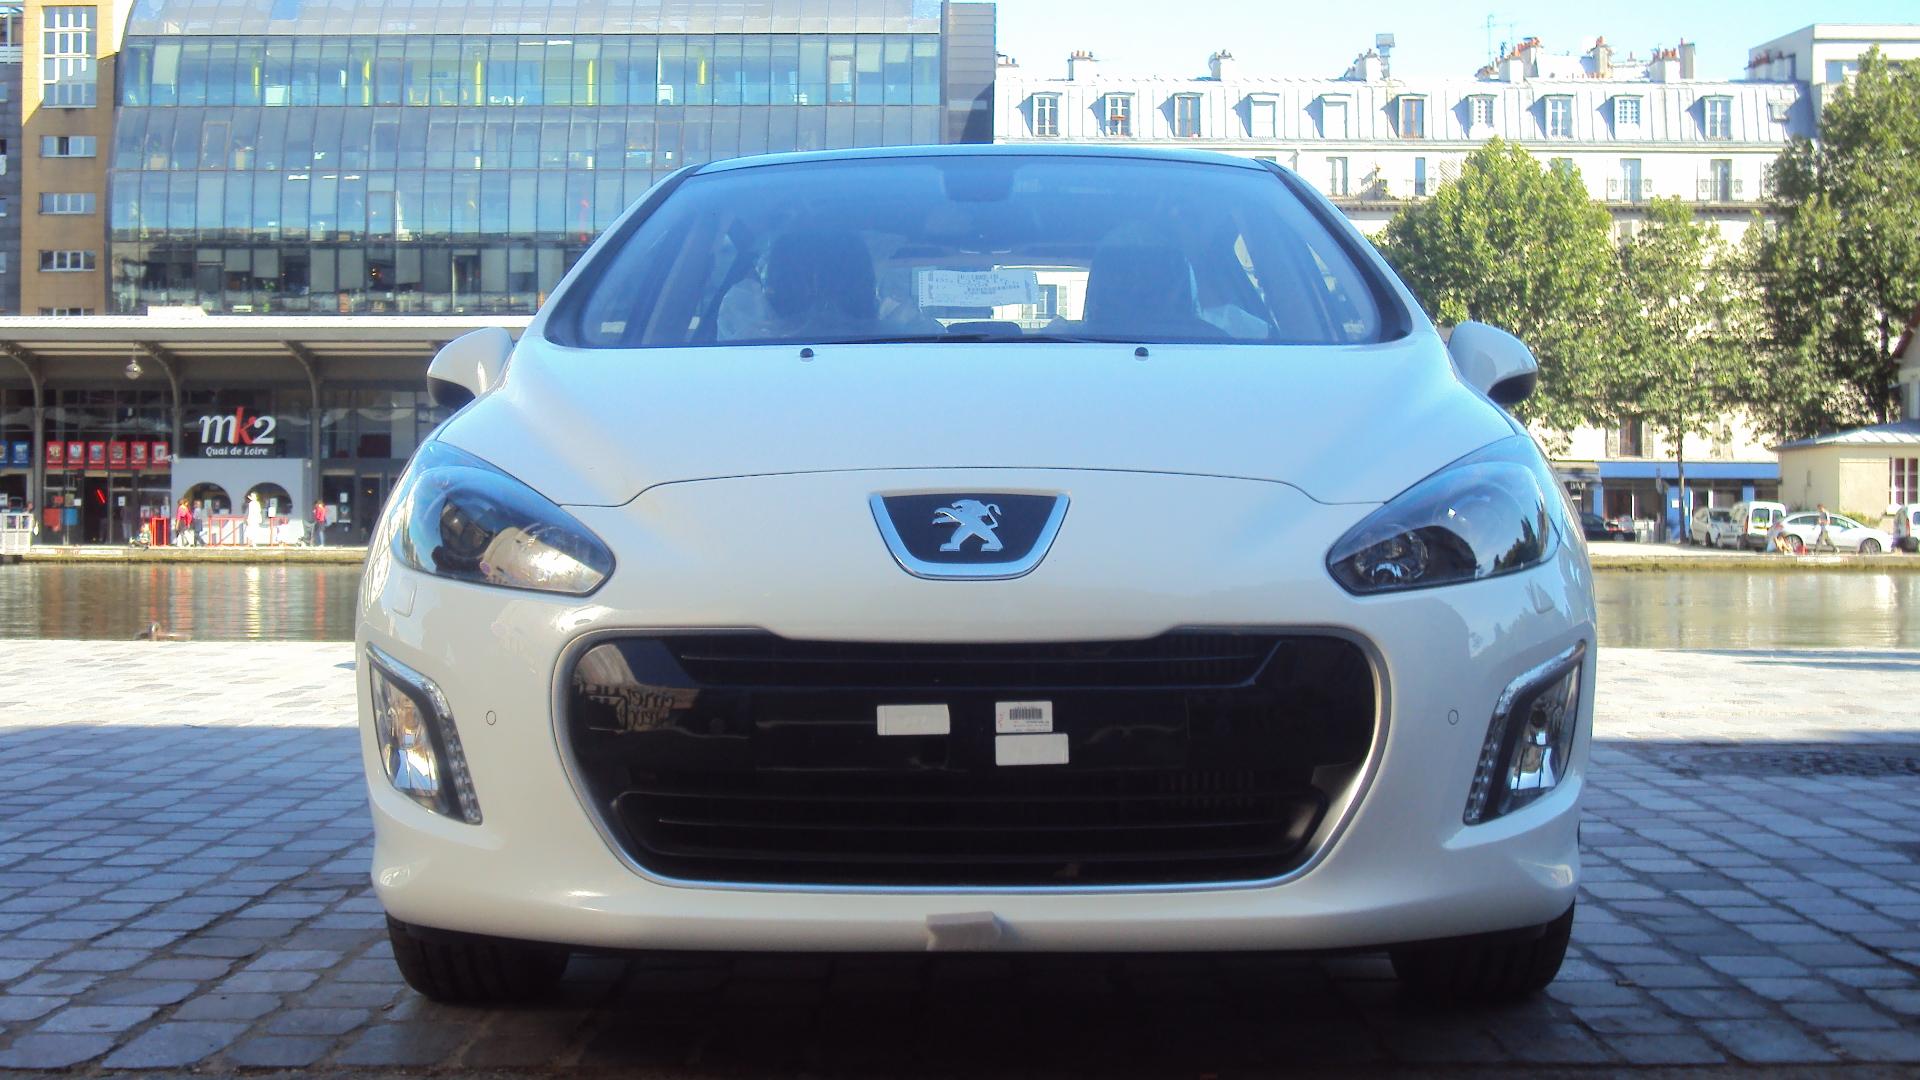 Auto algerie peugeot 308 163 ch 2 0 hdi allure 163 ch bva - Rideau metallique electrique algerie ...